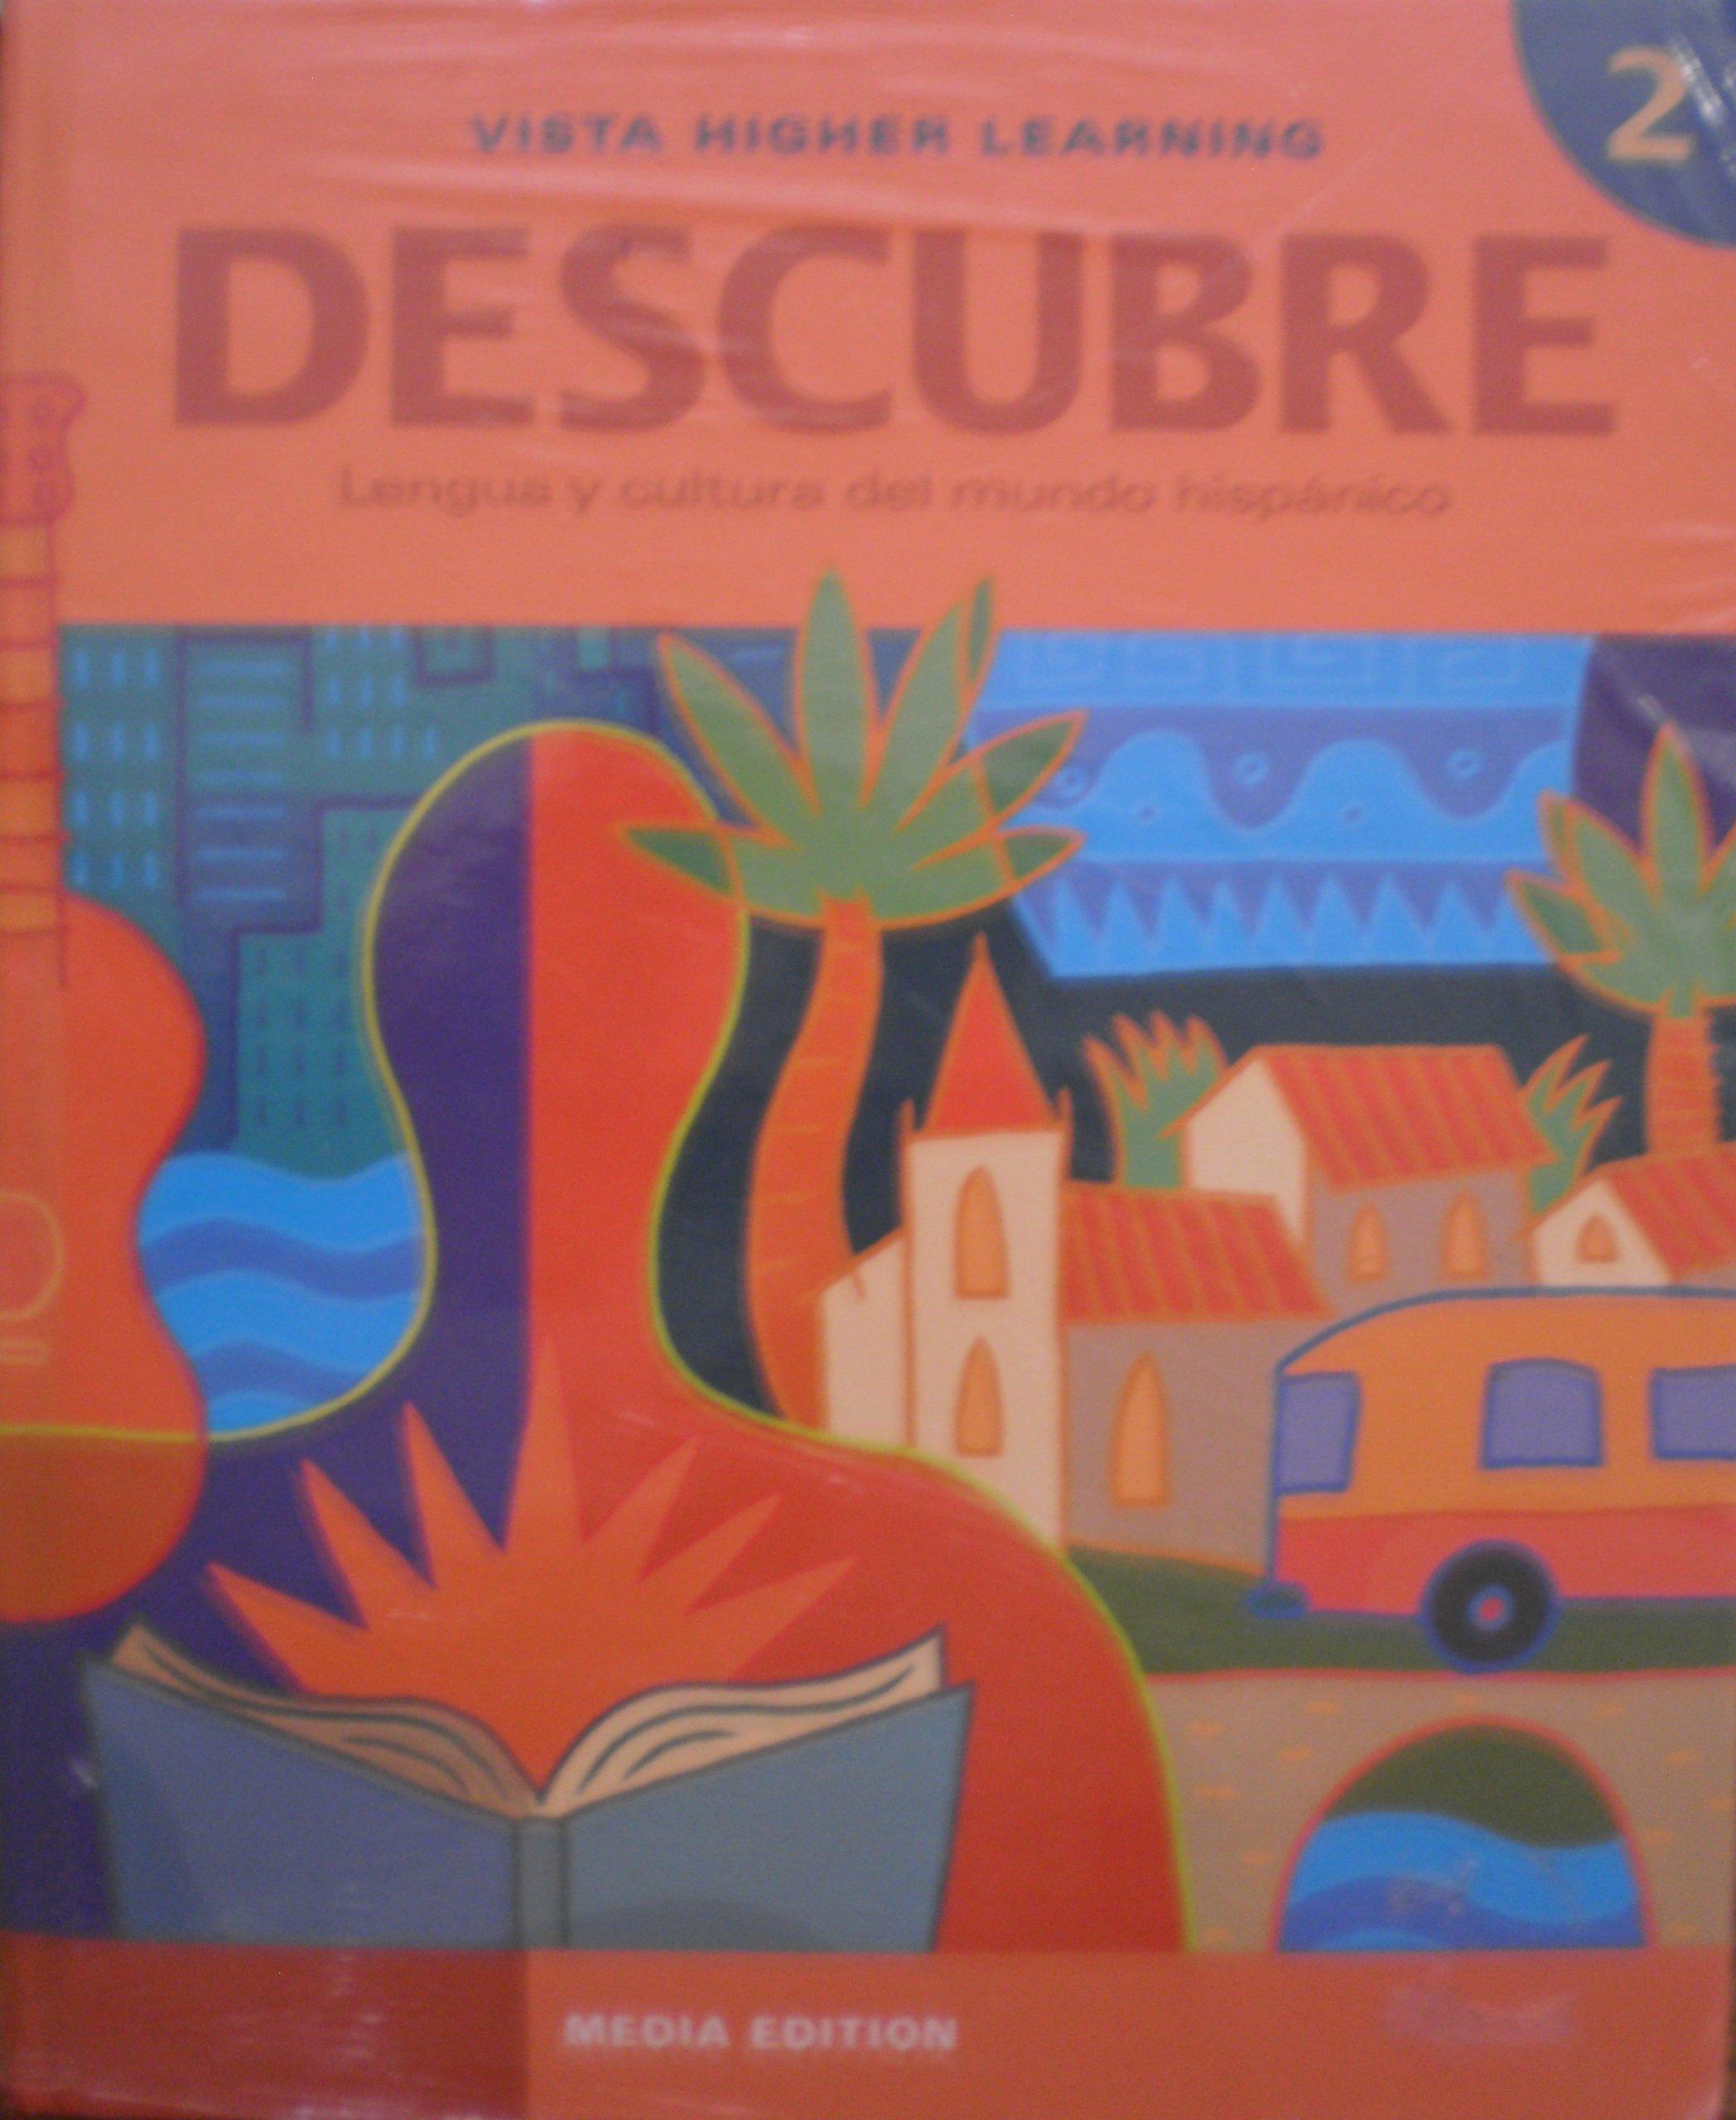 Descubre 2 Media Edition - Student Edition, Supersite Code, Cuaderno de  Practica and Cuaderno de Actividades: Amazon.es: Desconocido: Libros